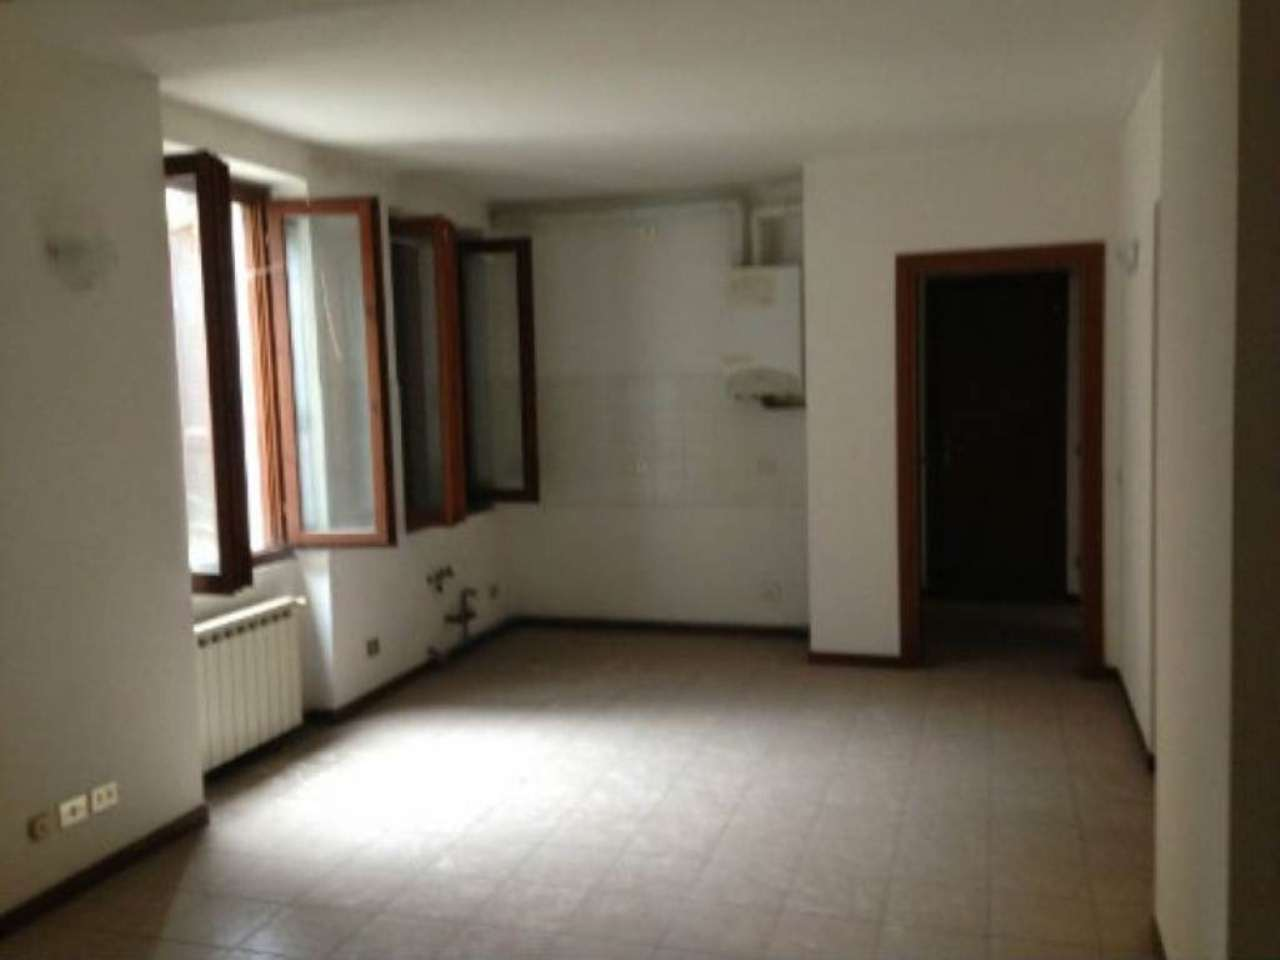 Appartamento in vendita a Gavardo, 3 locali, prezzo € 85.000 | Cambio Casa.it